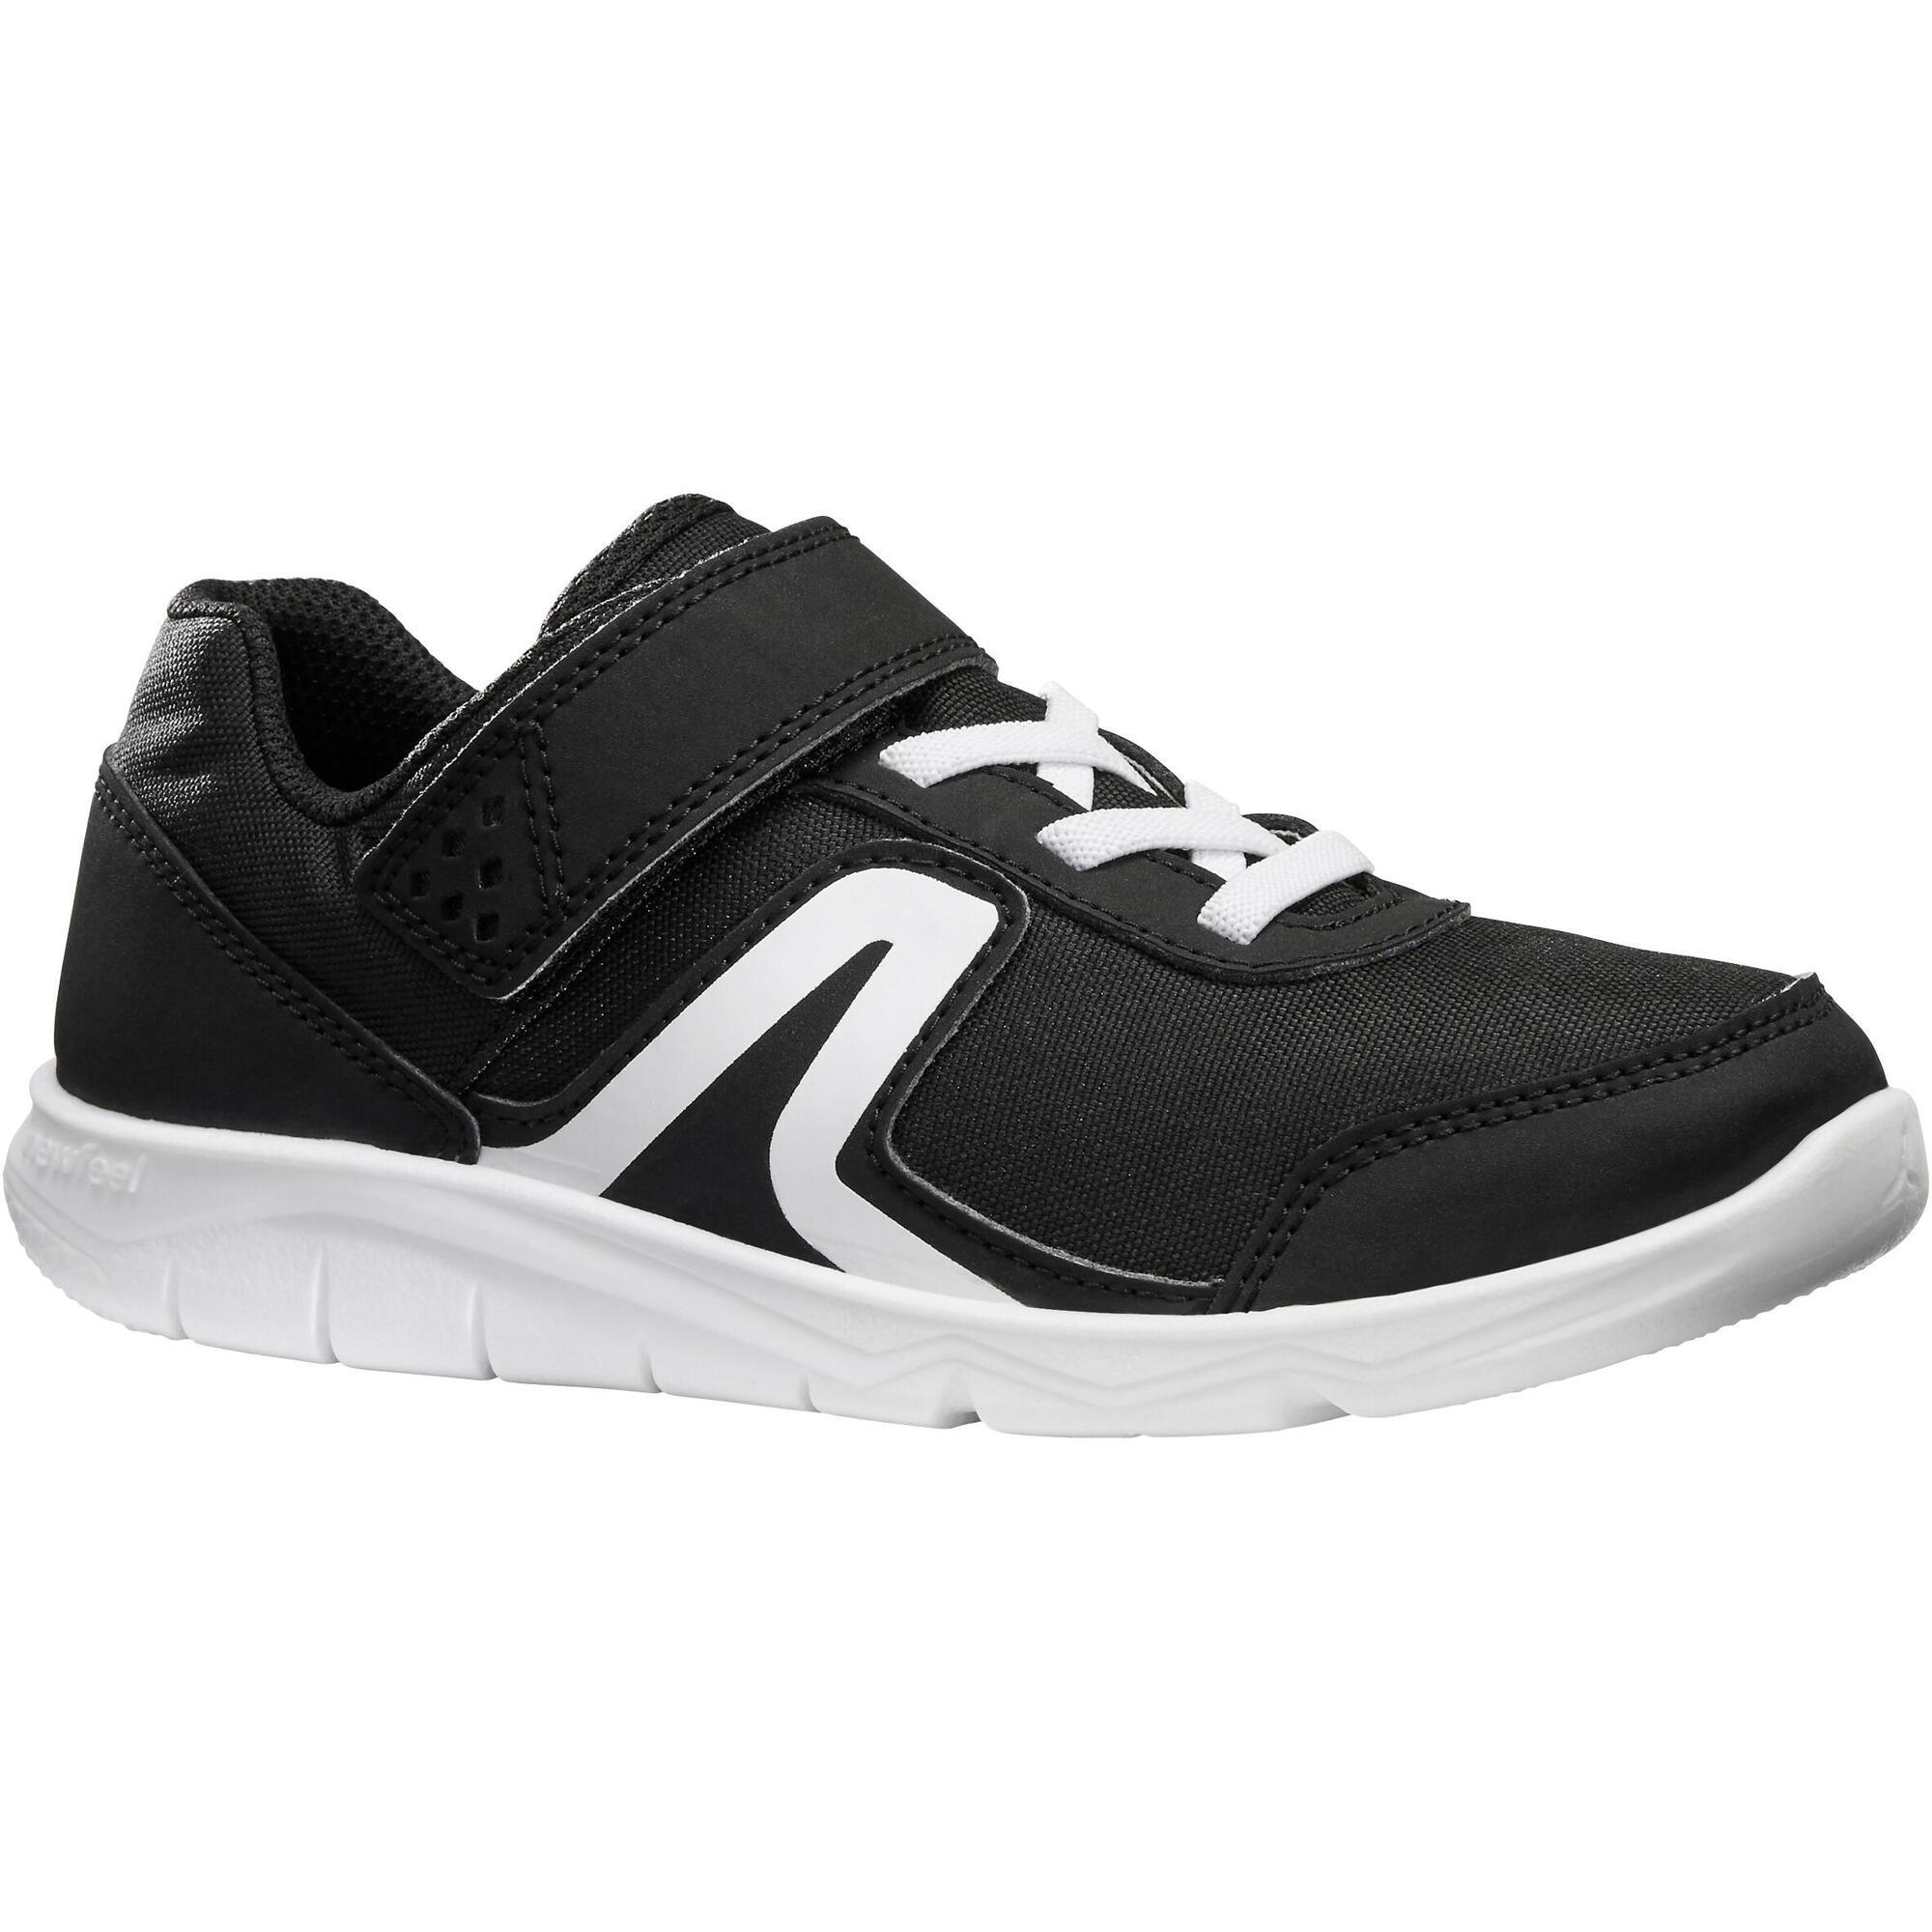 chaussures marche sportive enfant pw 100 noir blanc. Black Bedroom Furniture Sets. Home Design Ideas